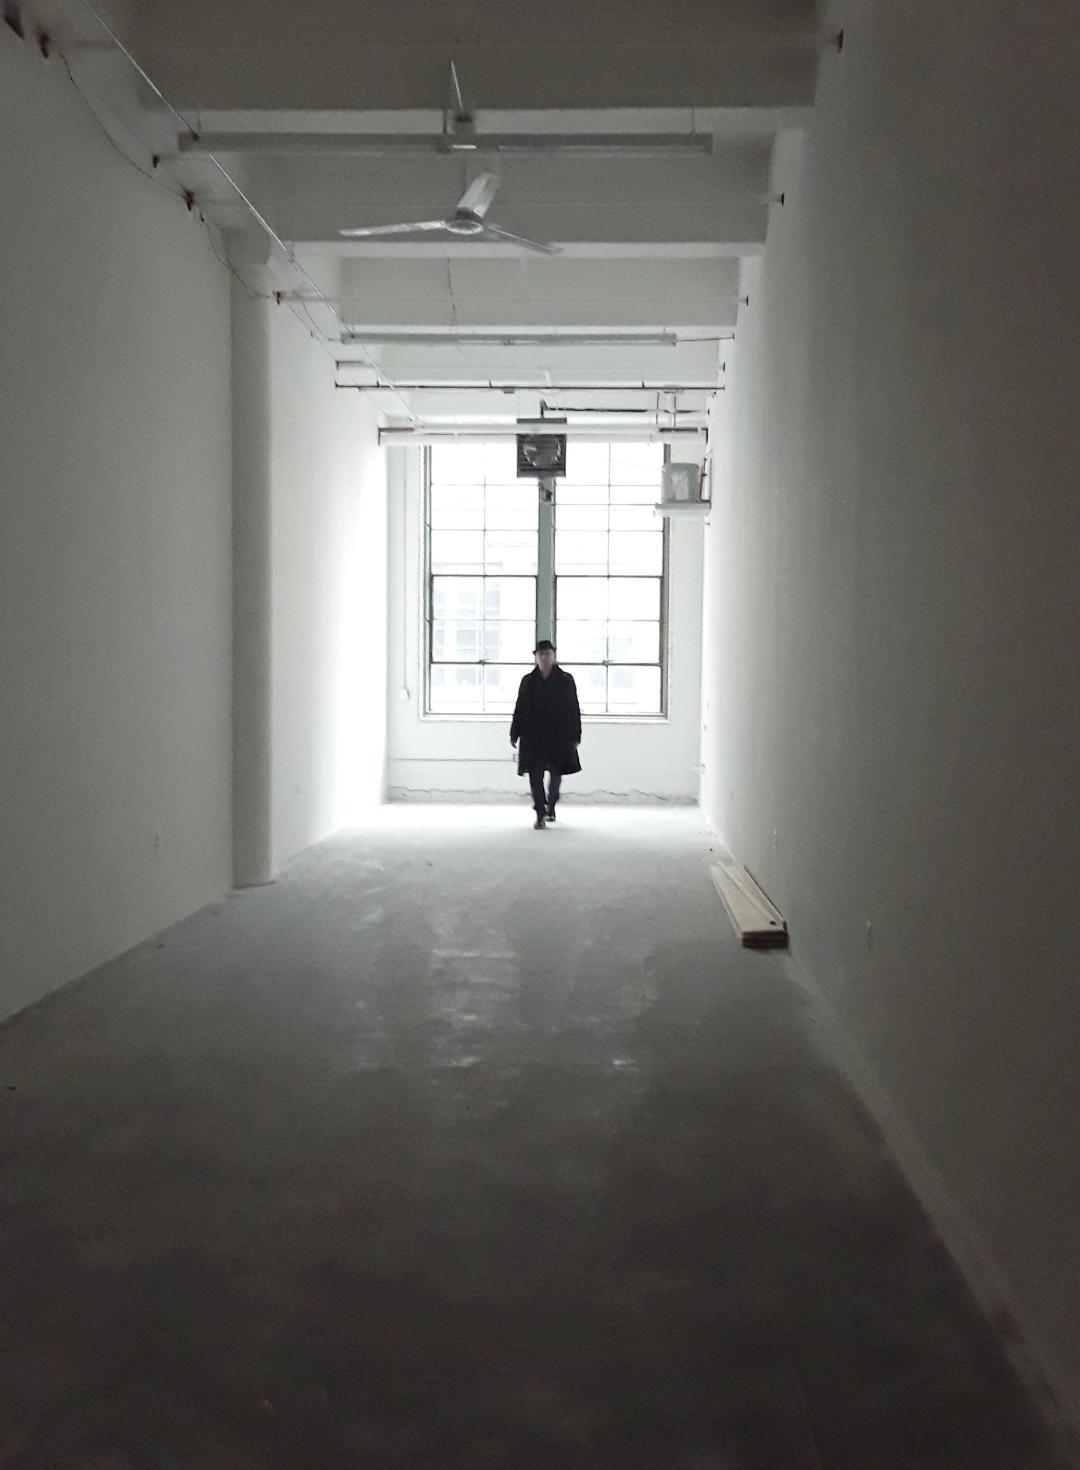 Studio in NY